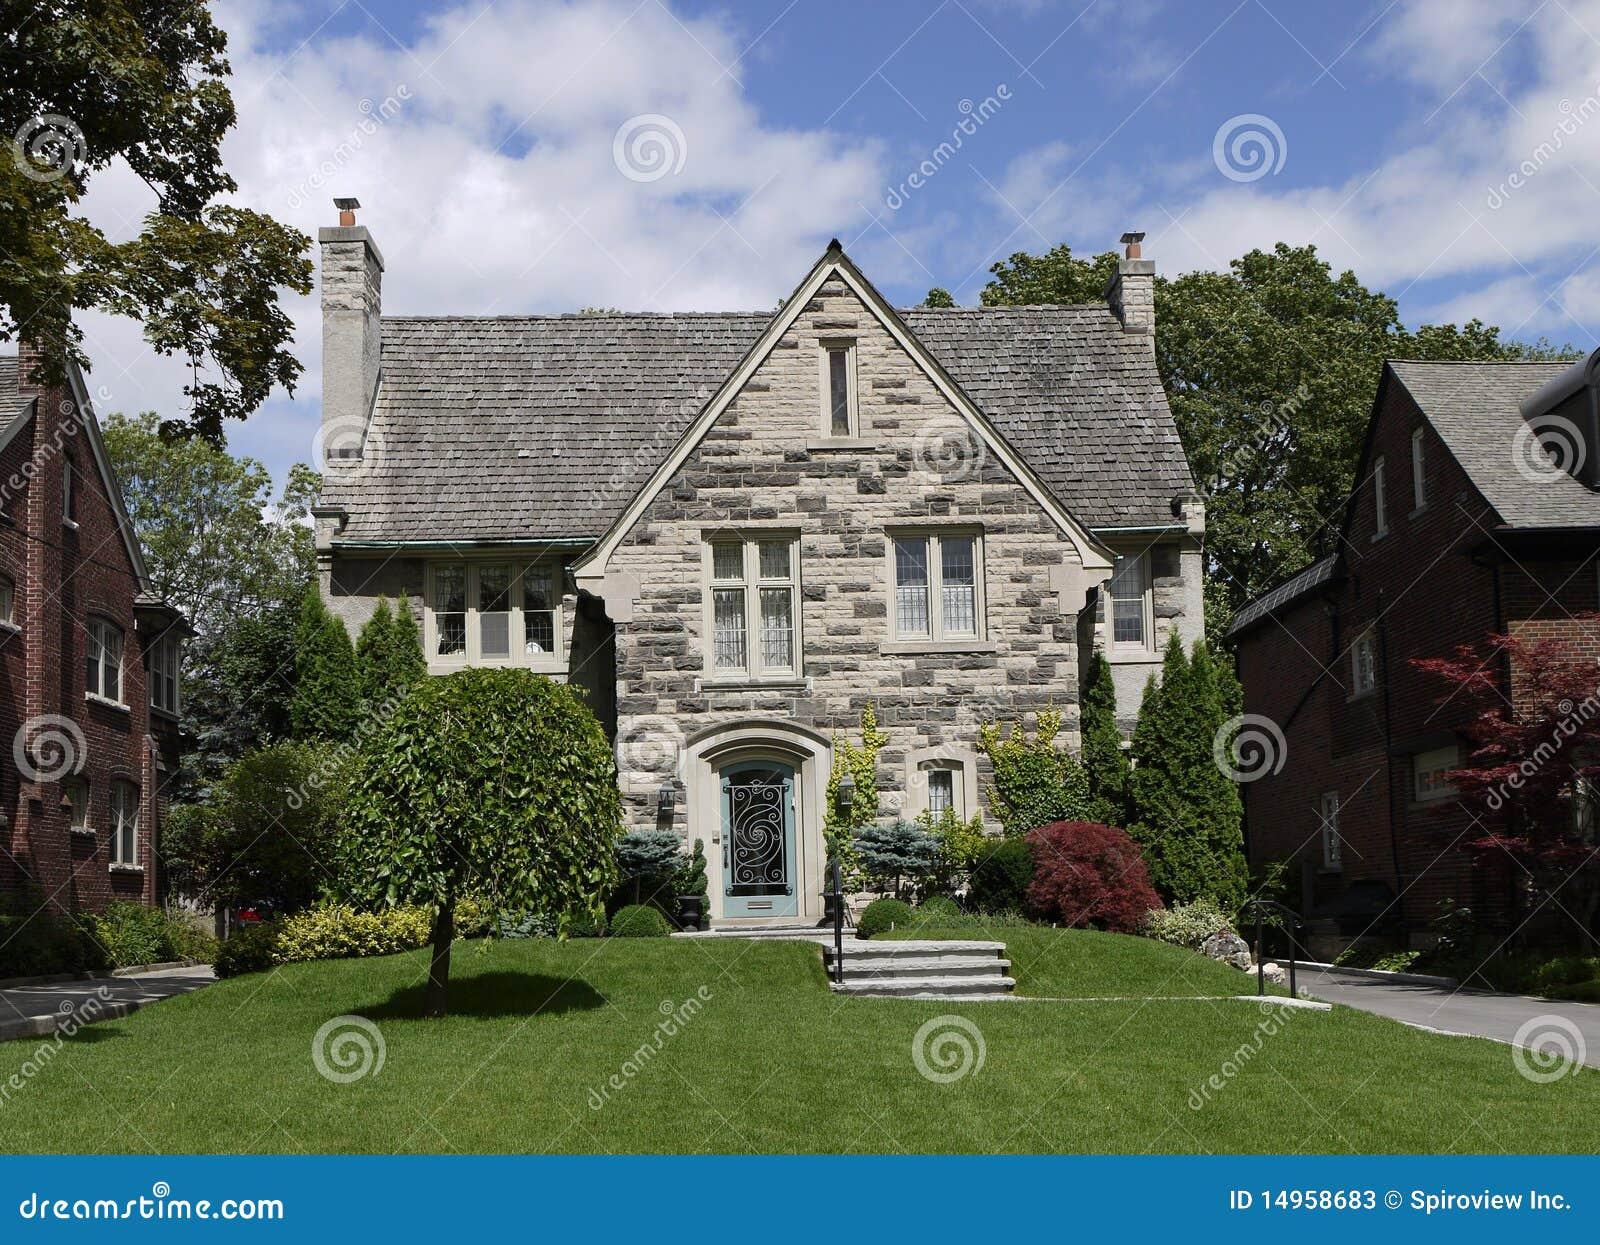 Elegant house with stone gable stock image image 14958683 for Elegant stone